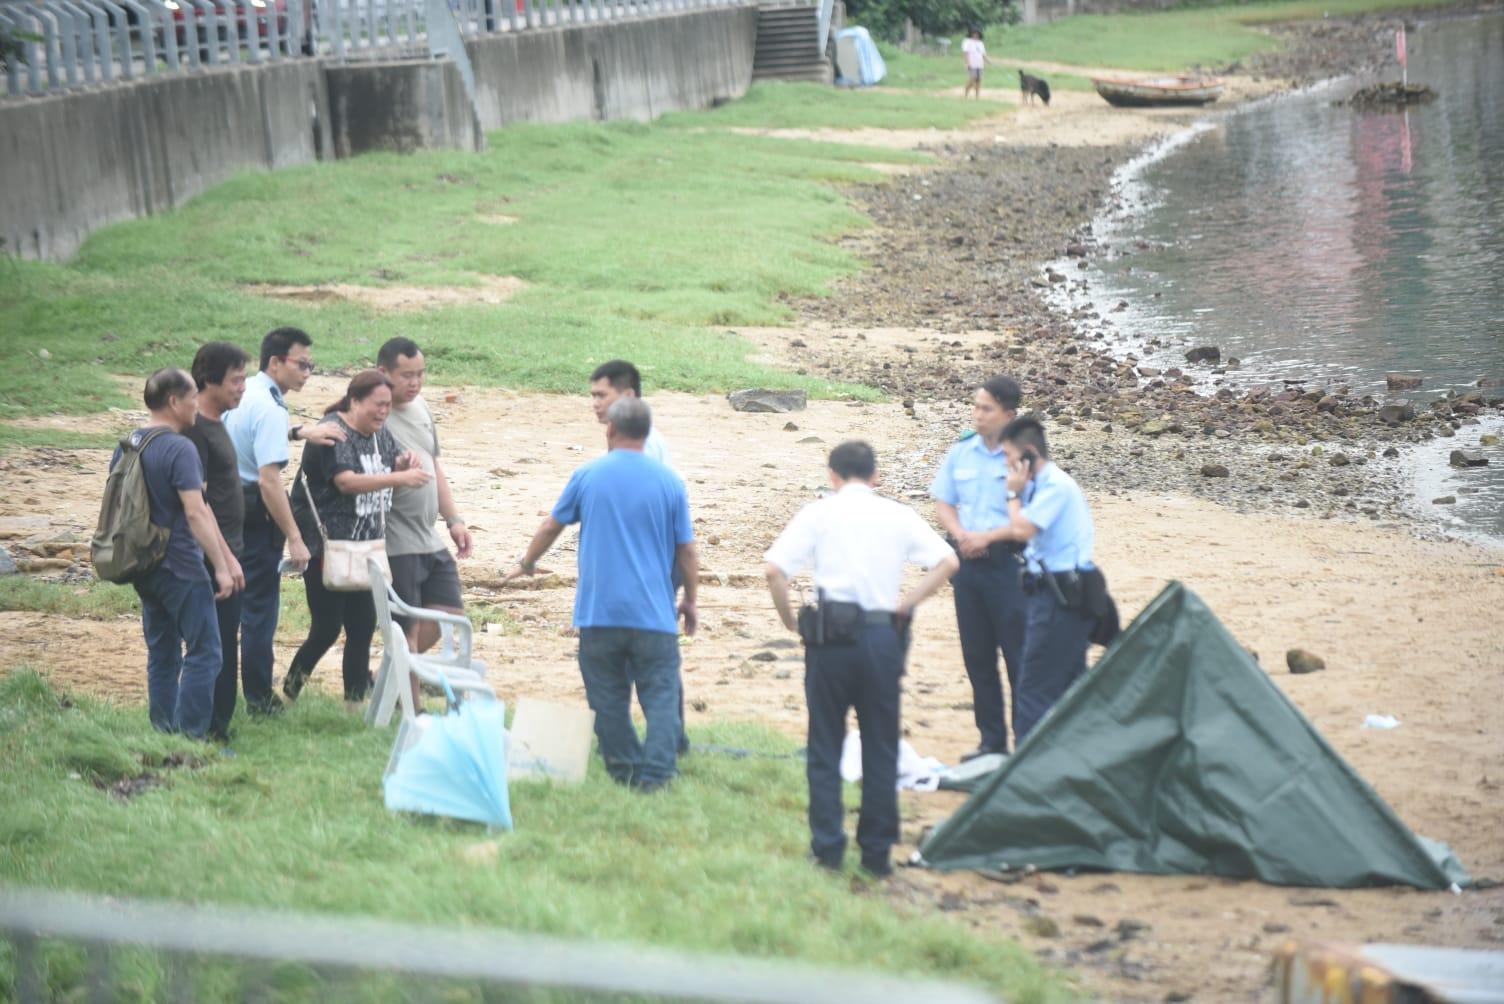 27歲仔大埔夜潛捉蟹遇溺失蹤,今日下午尋回屍體。